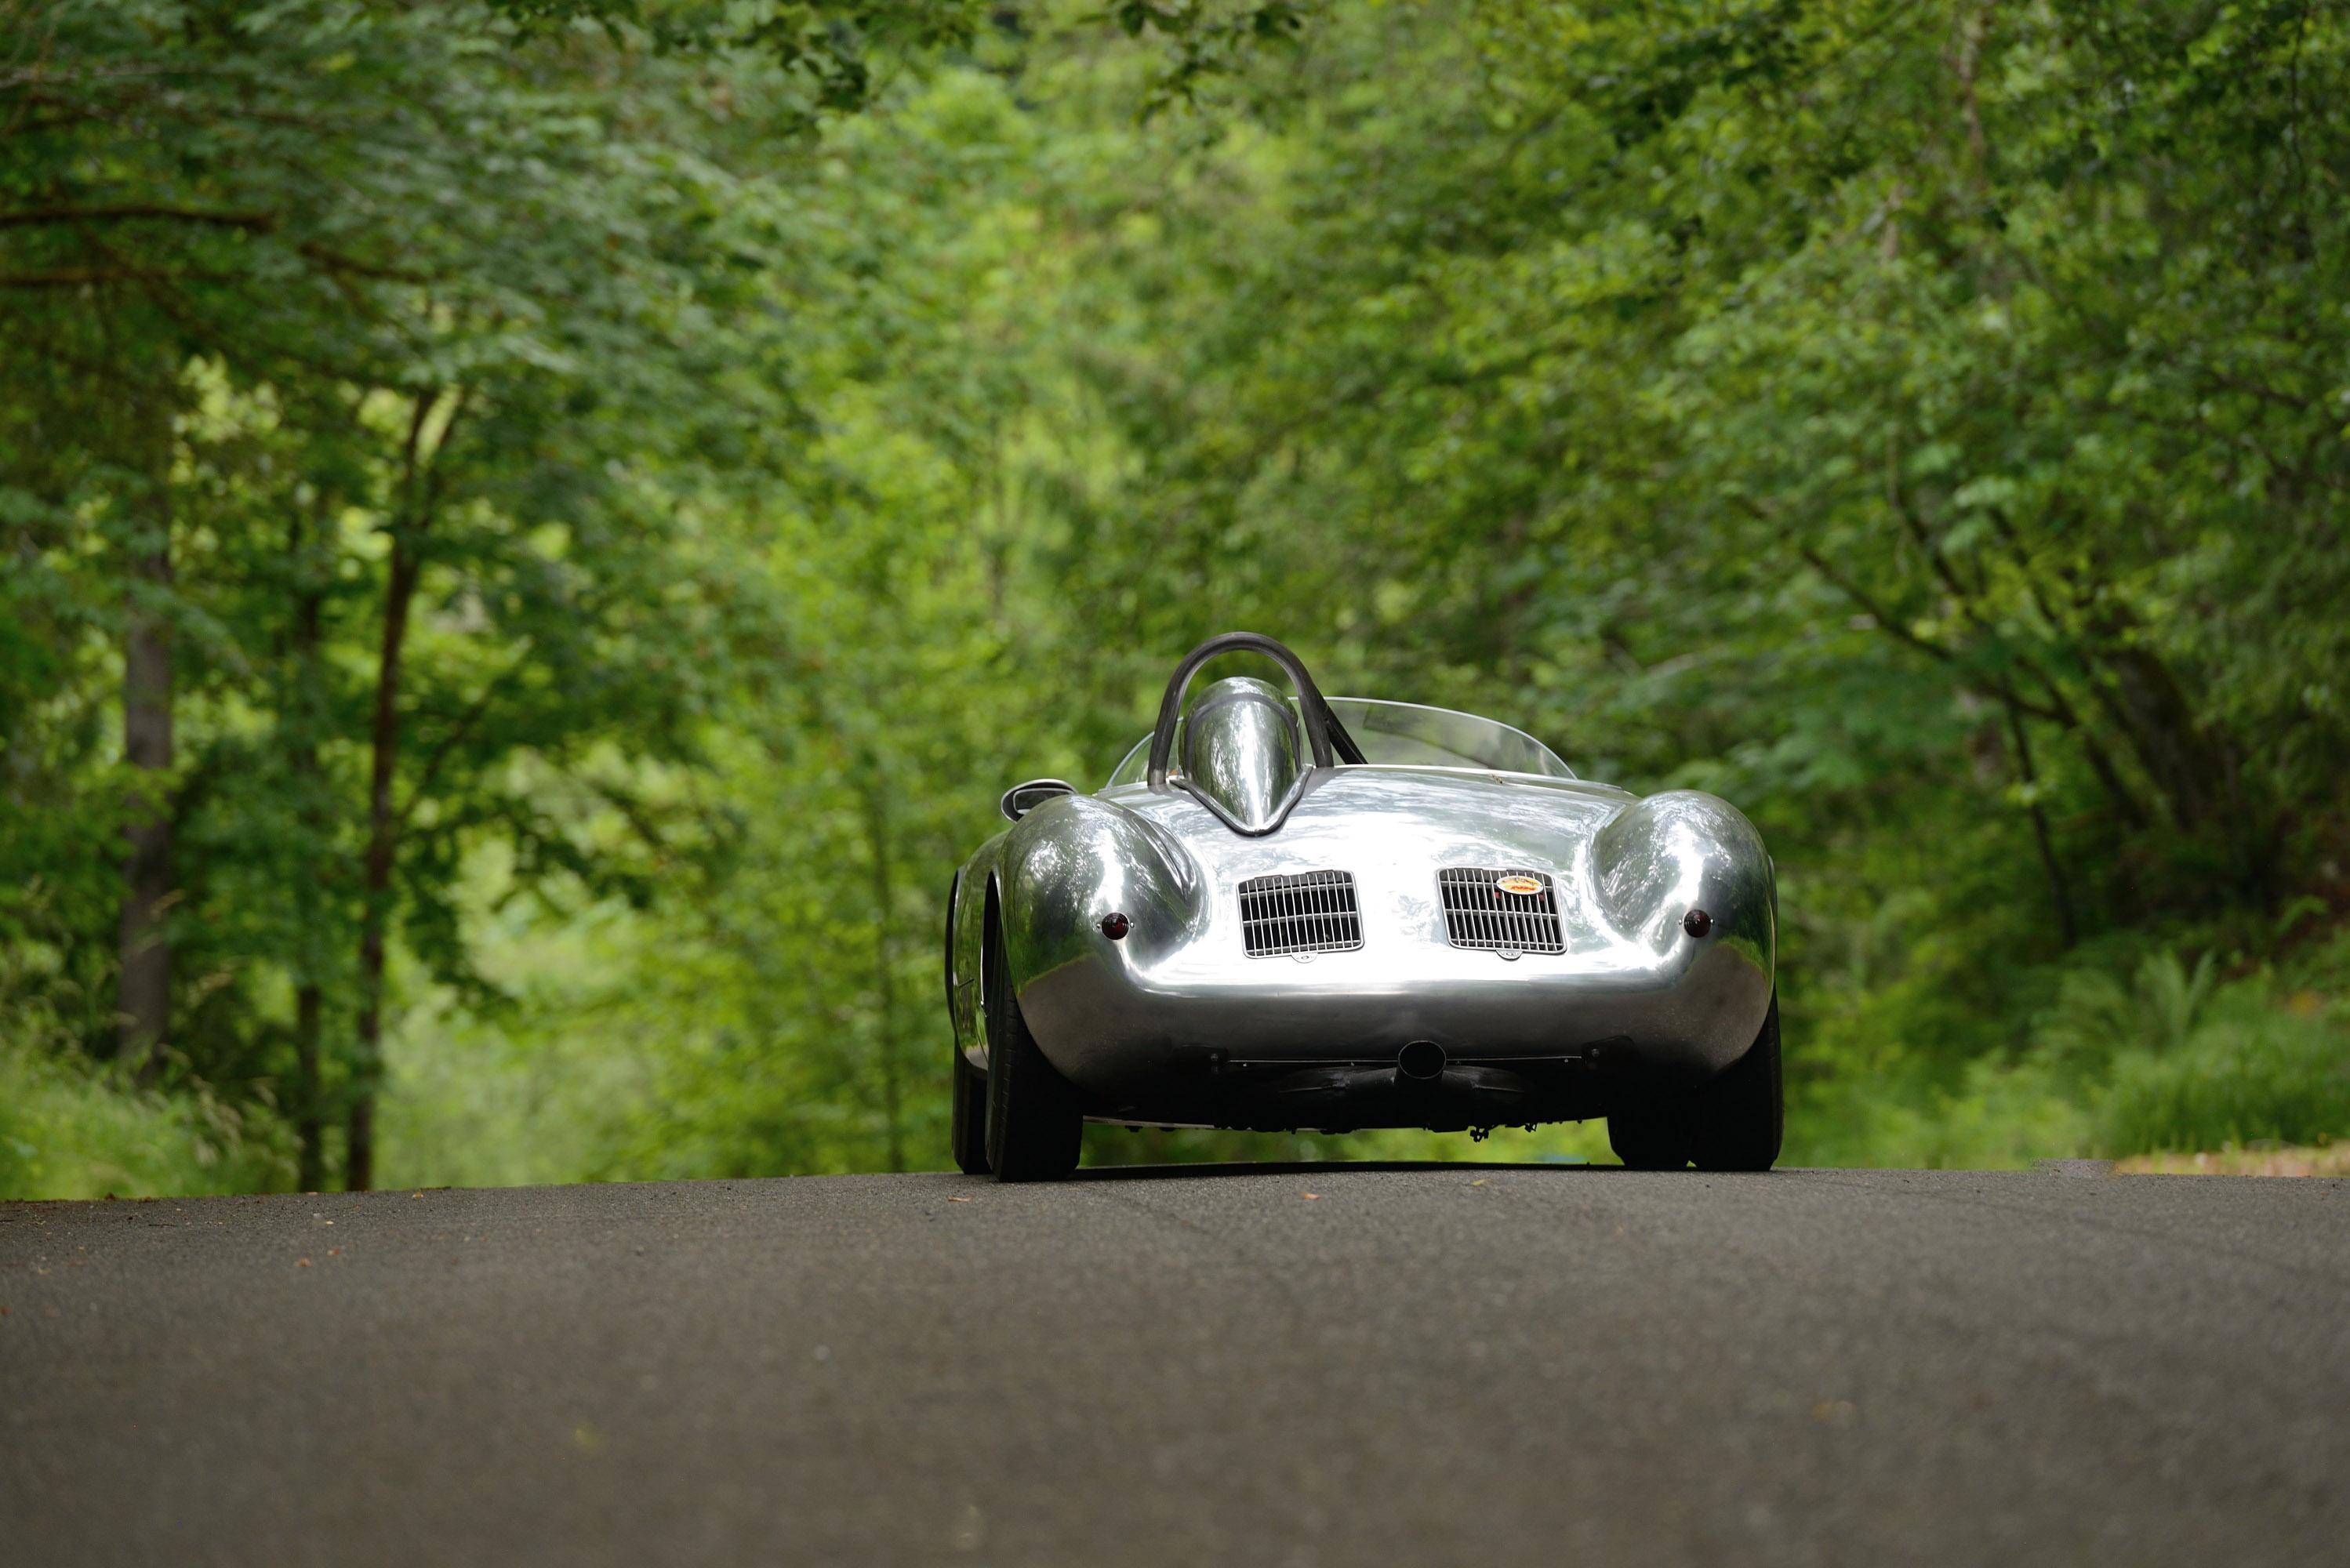 Его гоночная карьера также отмечена многочисленными достижениями и победами. После соревнований в европейских гоночных чемпионатах 550A-0141 был возвращен Porsche KG, искусно восстановлен, а затем продан дилеру Connecticut Porsche и гонщику Гарри Бла